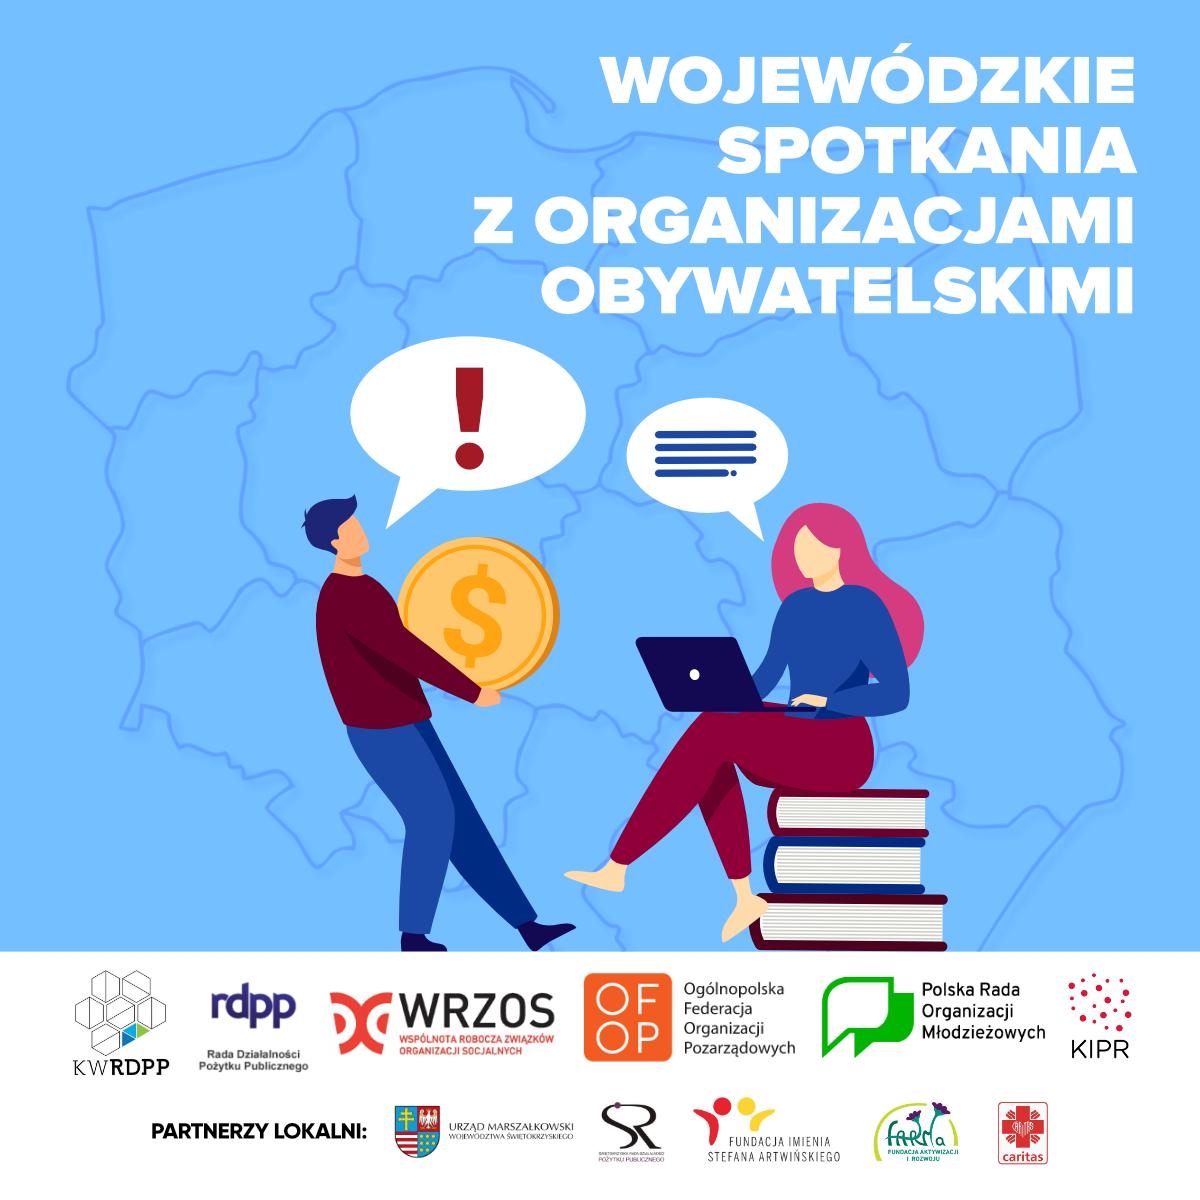 Wojewódzkie Spotkania z Organizacjami Obywatelskimi – Region Świętokrzyski